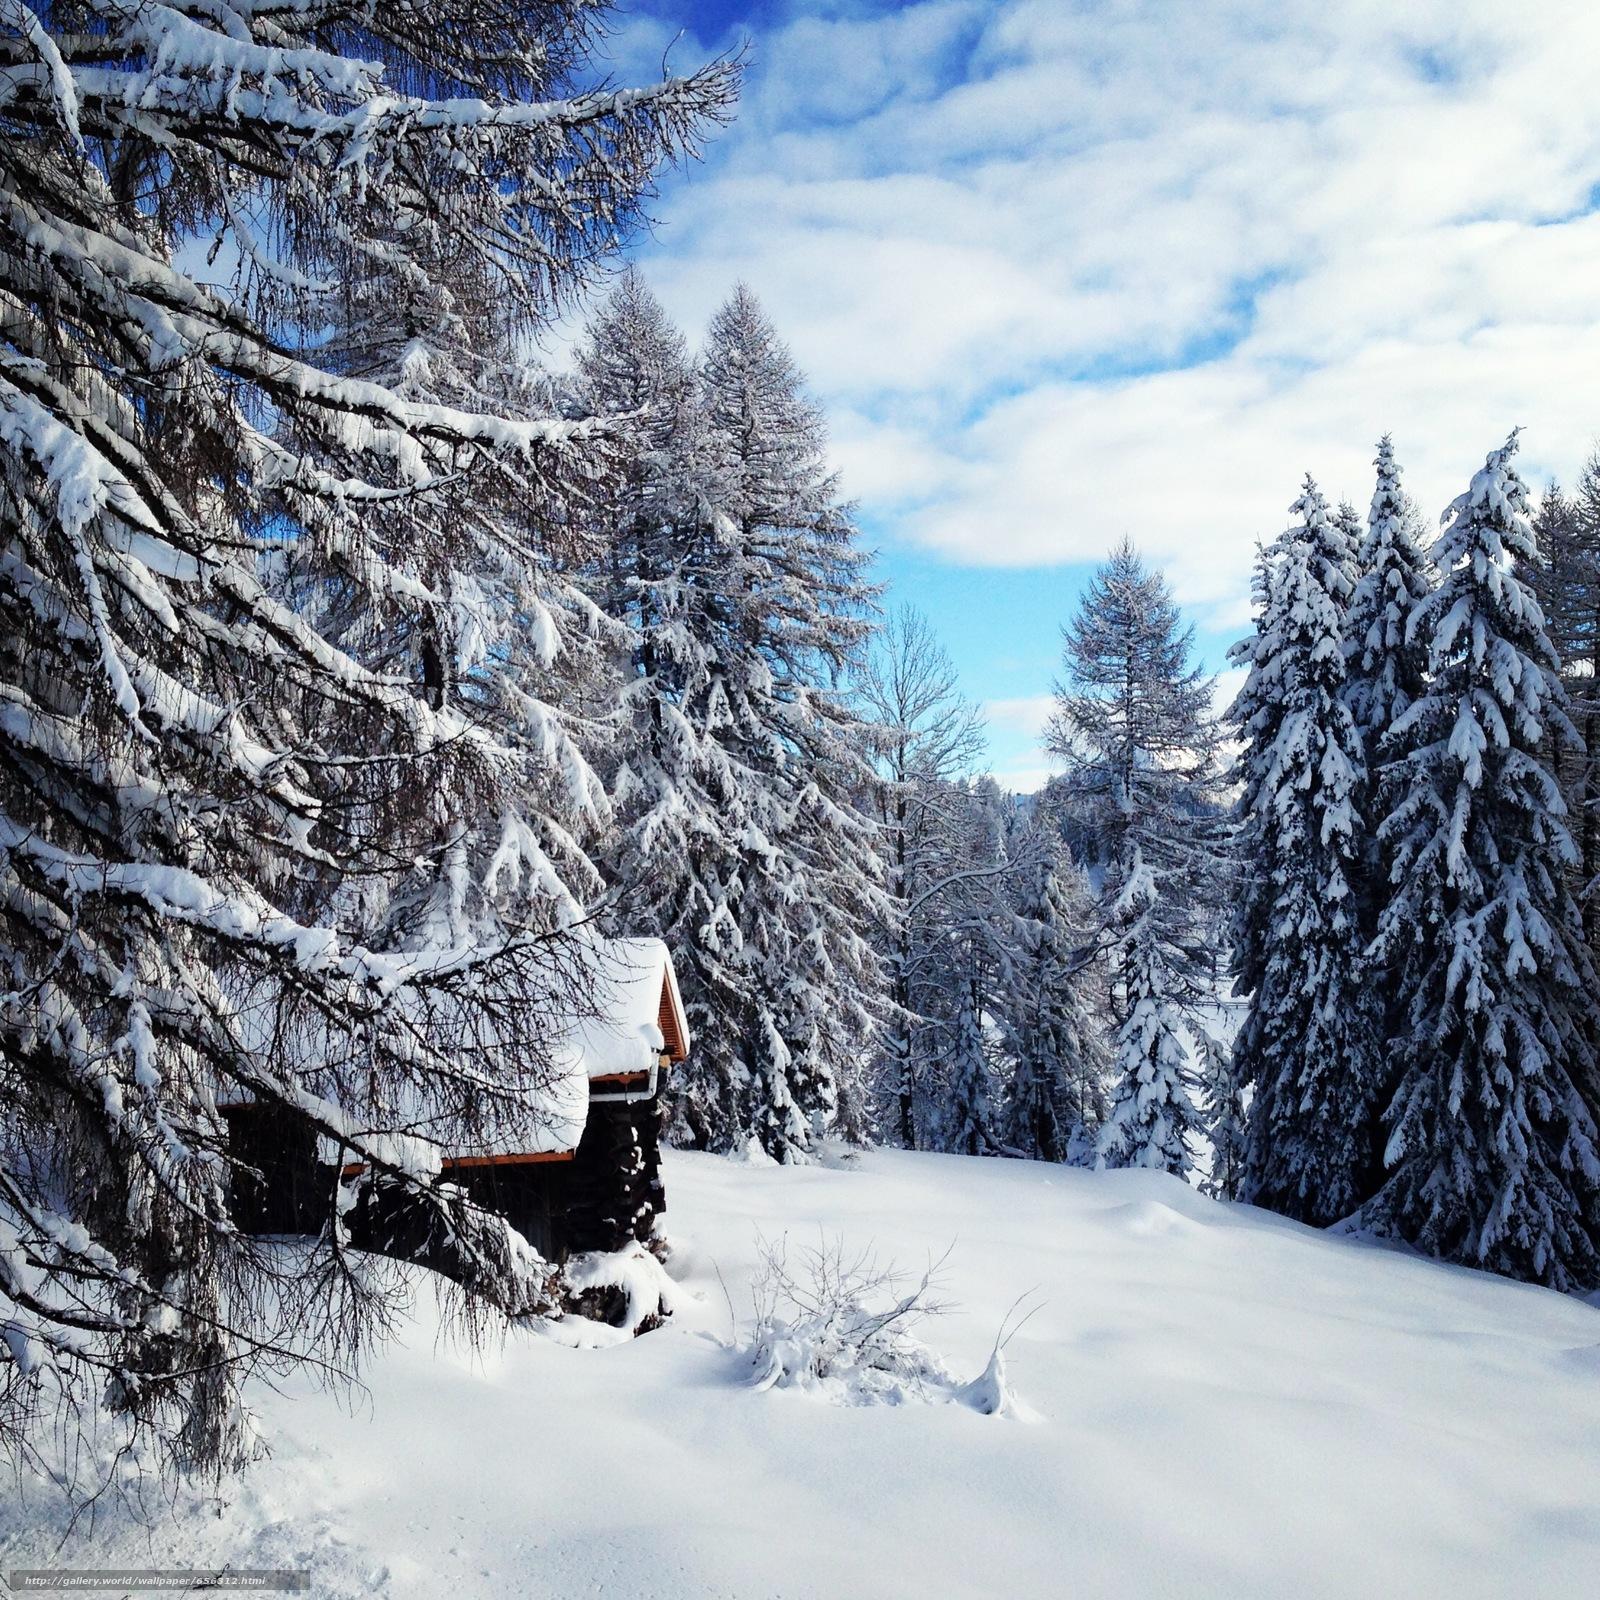 Скачать обои зима,  снег,  деревья,  домик бесплатно для рабочего стола в разрешении 2209x2209 — картинка №656312